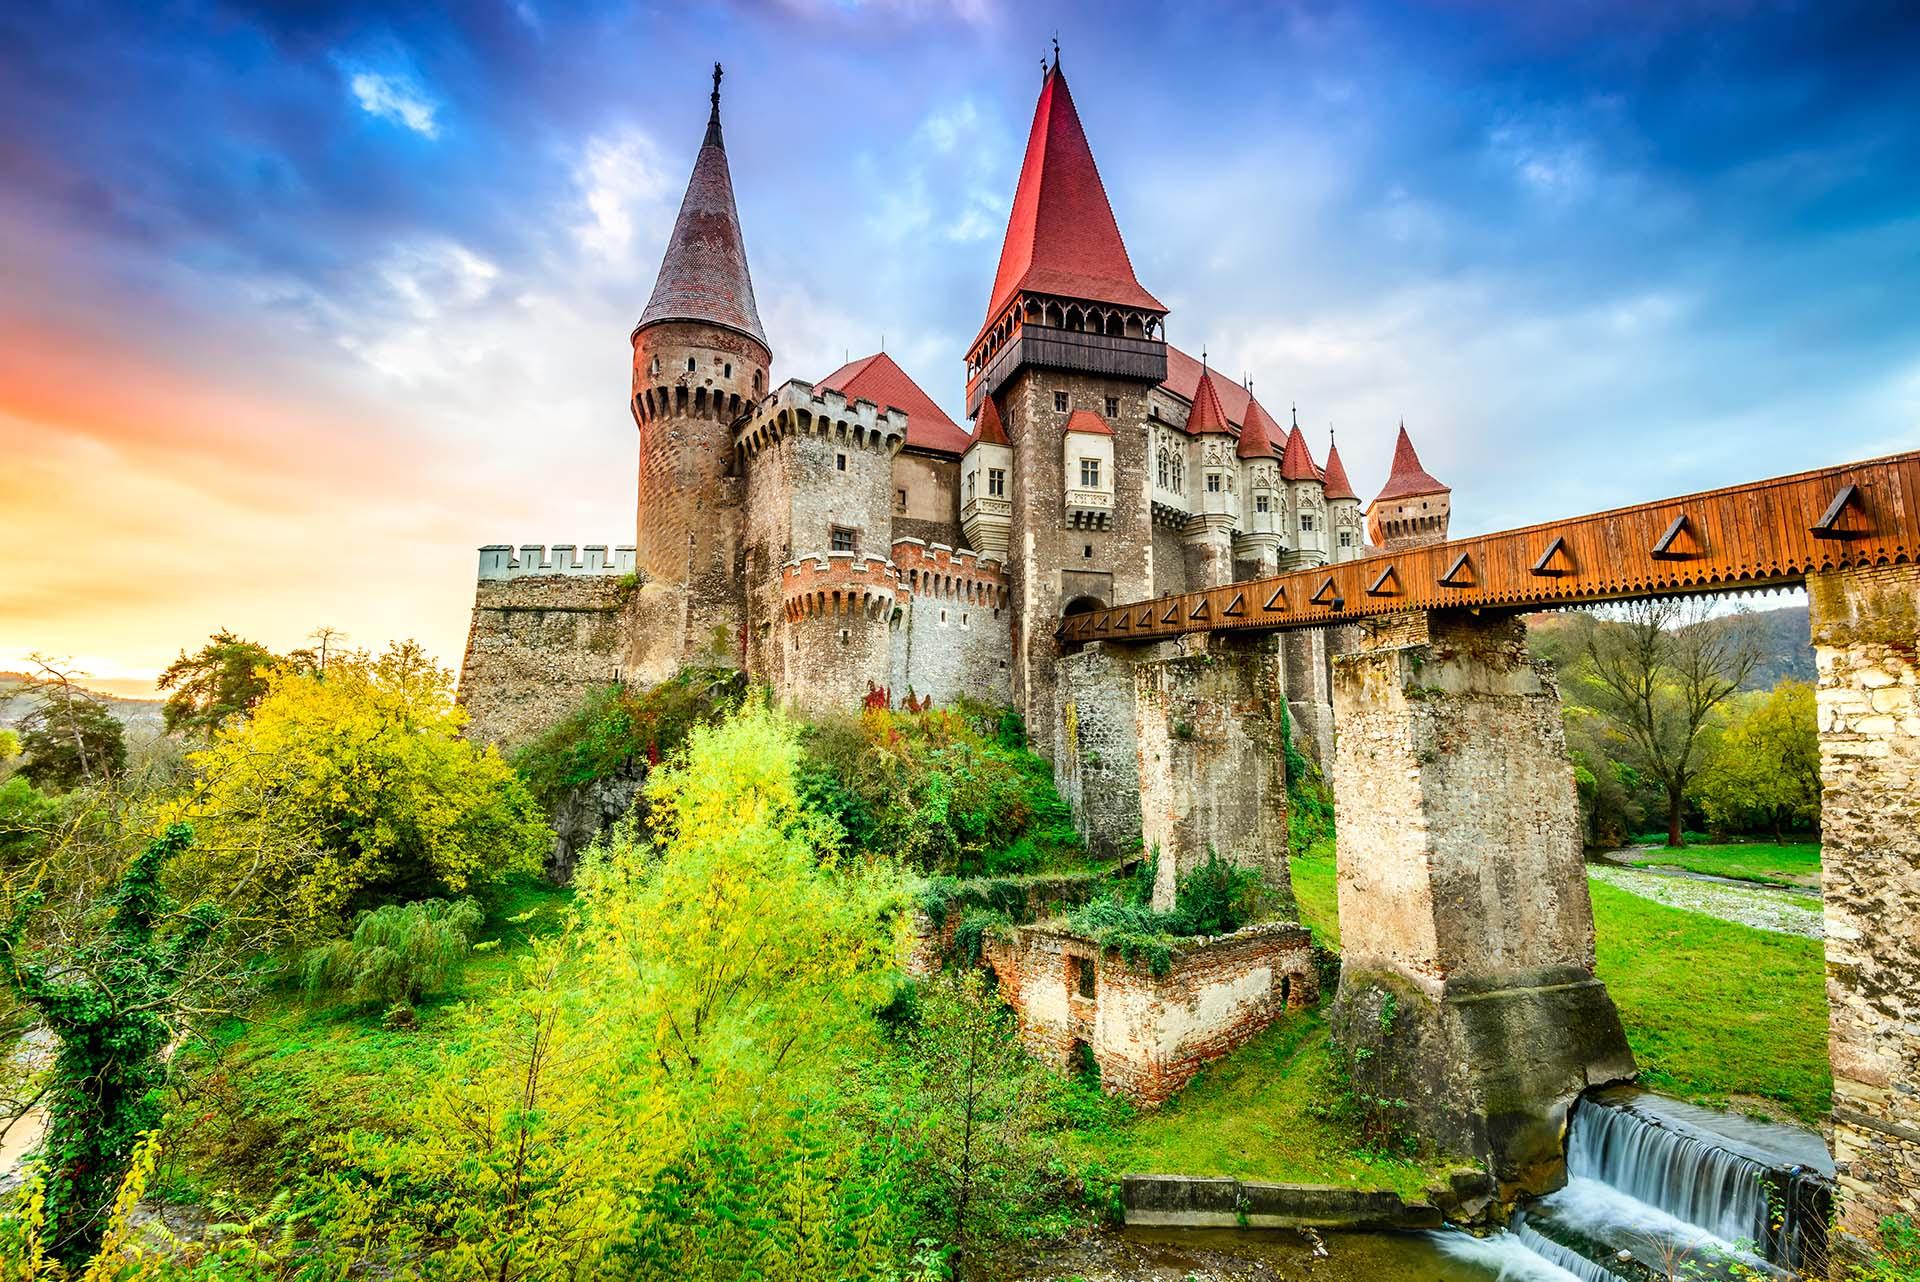 Los valles boscosos de Transilvania y los castillos góticos están siempre incrustados en la imaginación popular. Incluso antes de llegar, la mayoría de los visitantes pueden imaginarse esta tierra de oscuros cuentos de hadas, donde la niebla cubre como telarañas los Montes Cárpatos